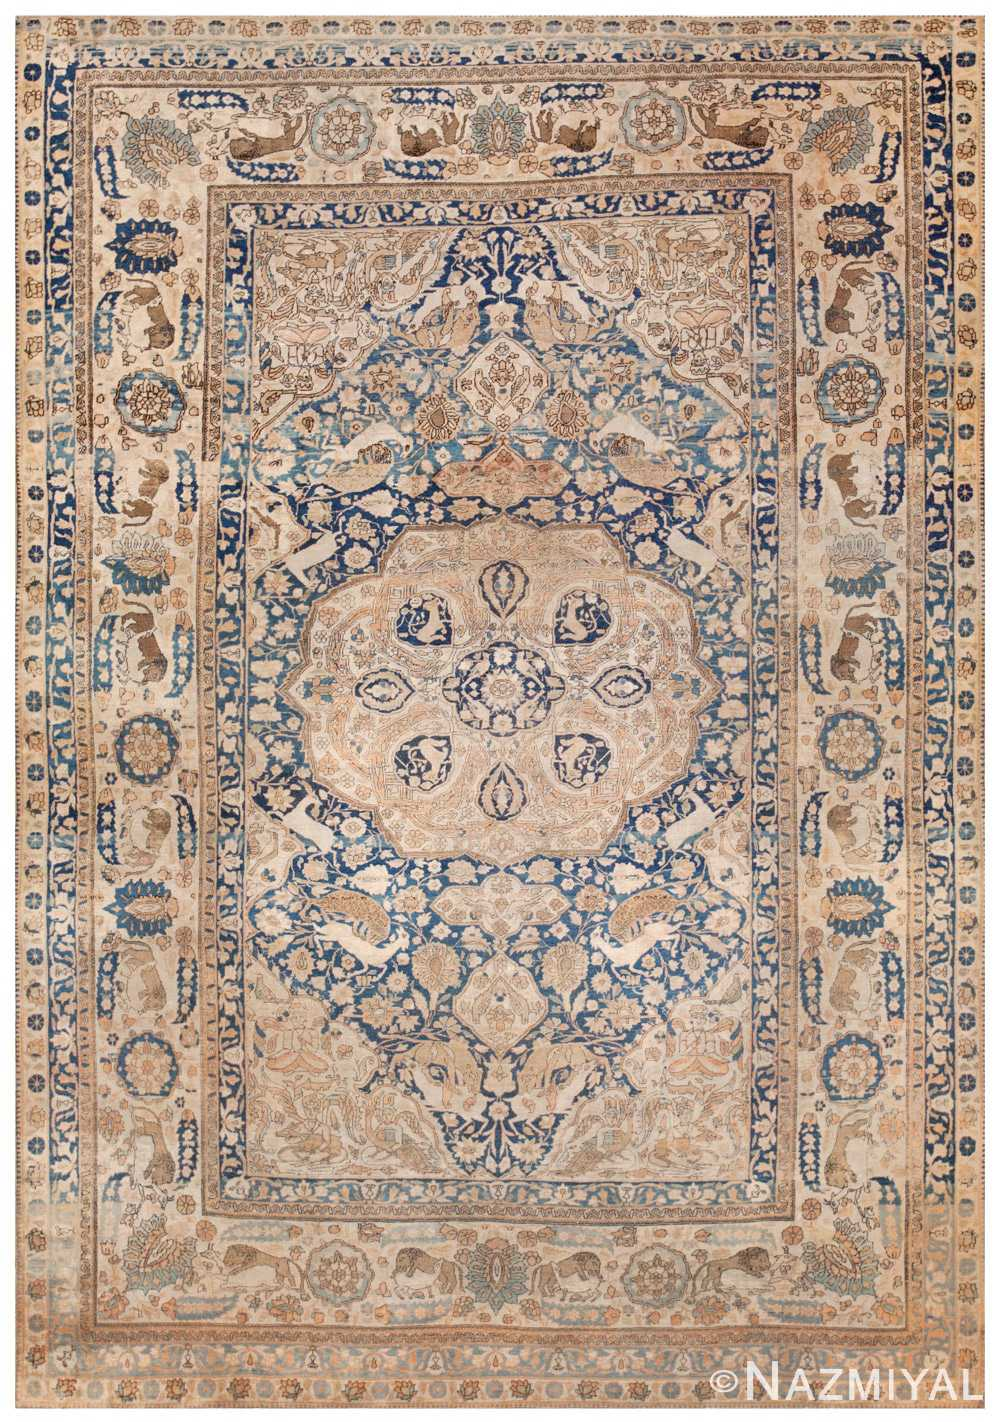 Antique Mohtashem Kashan Persian Rug 44891 Detail/Large View